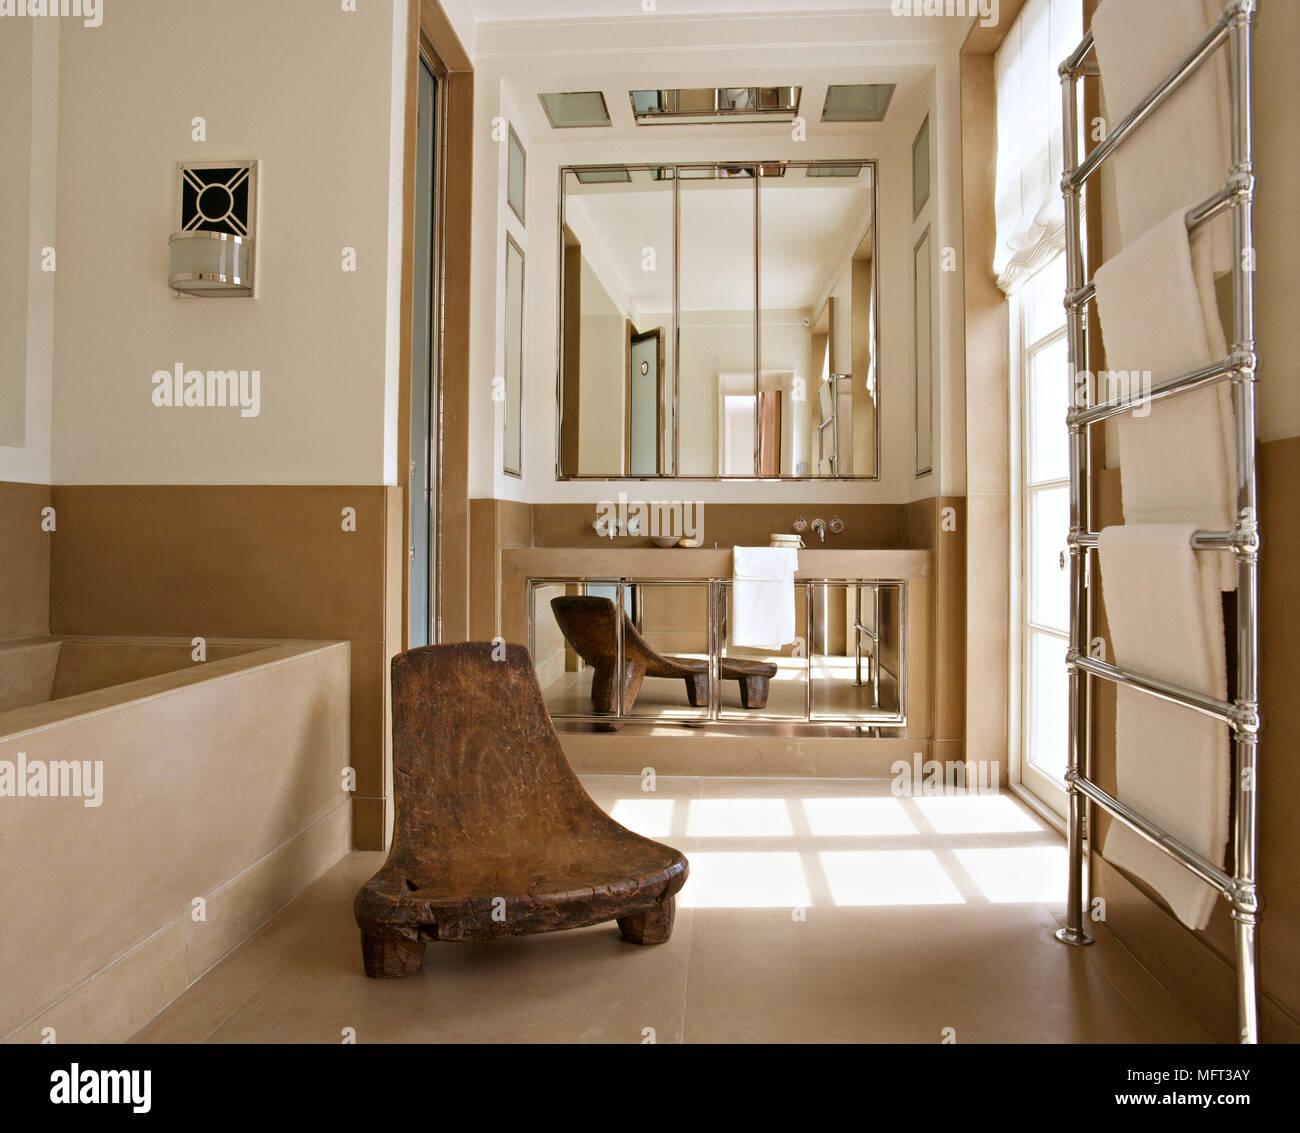 naturliche interieur mit stein haus design bilder, moderne neutrale badezimmer stein badetuchhalter kühler interieur, Design ideen